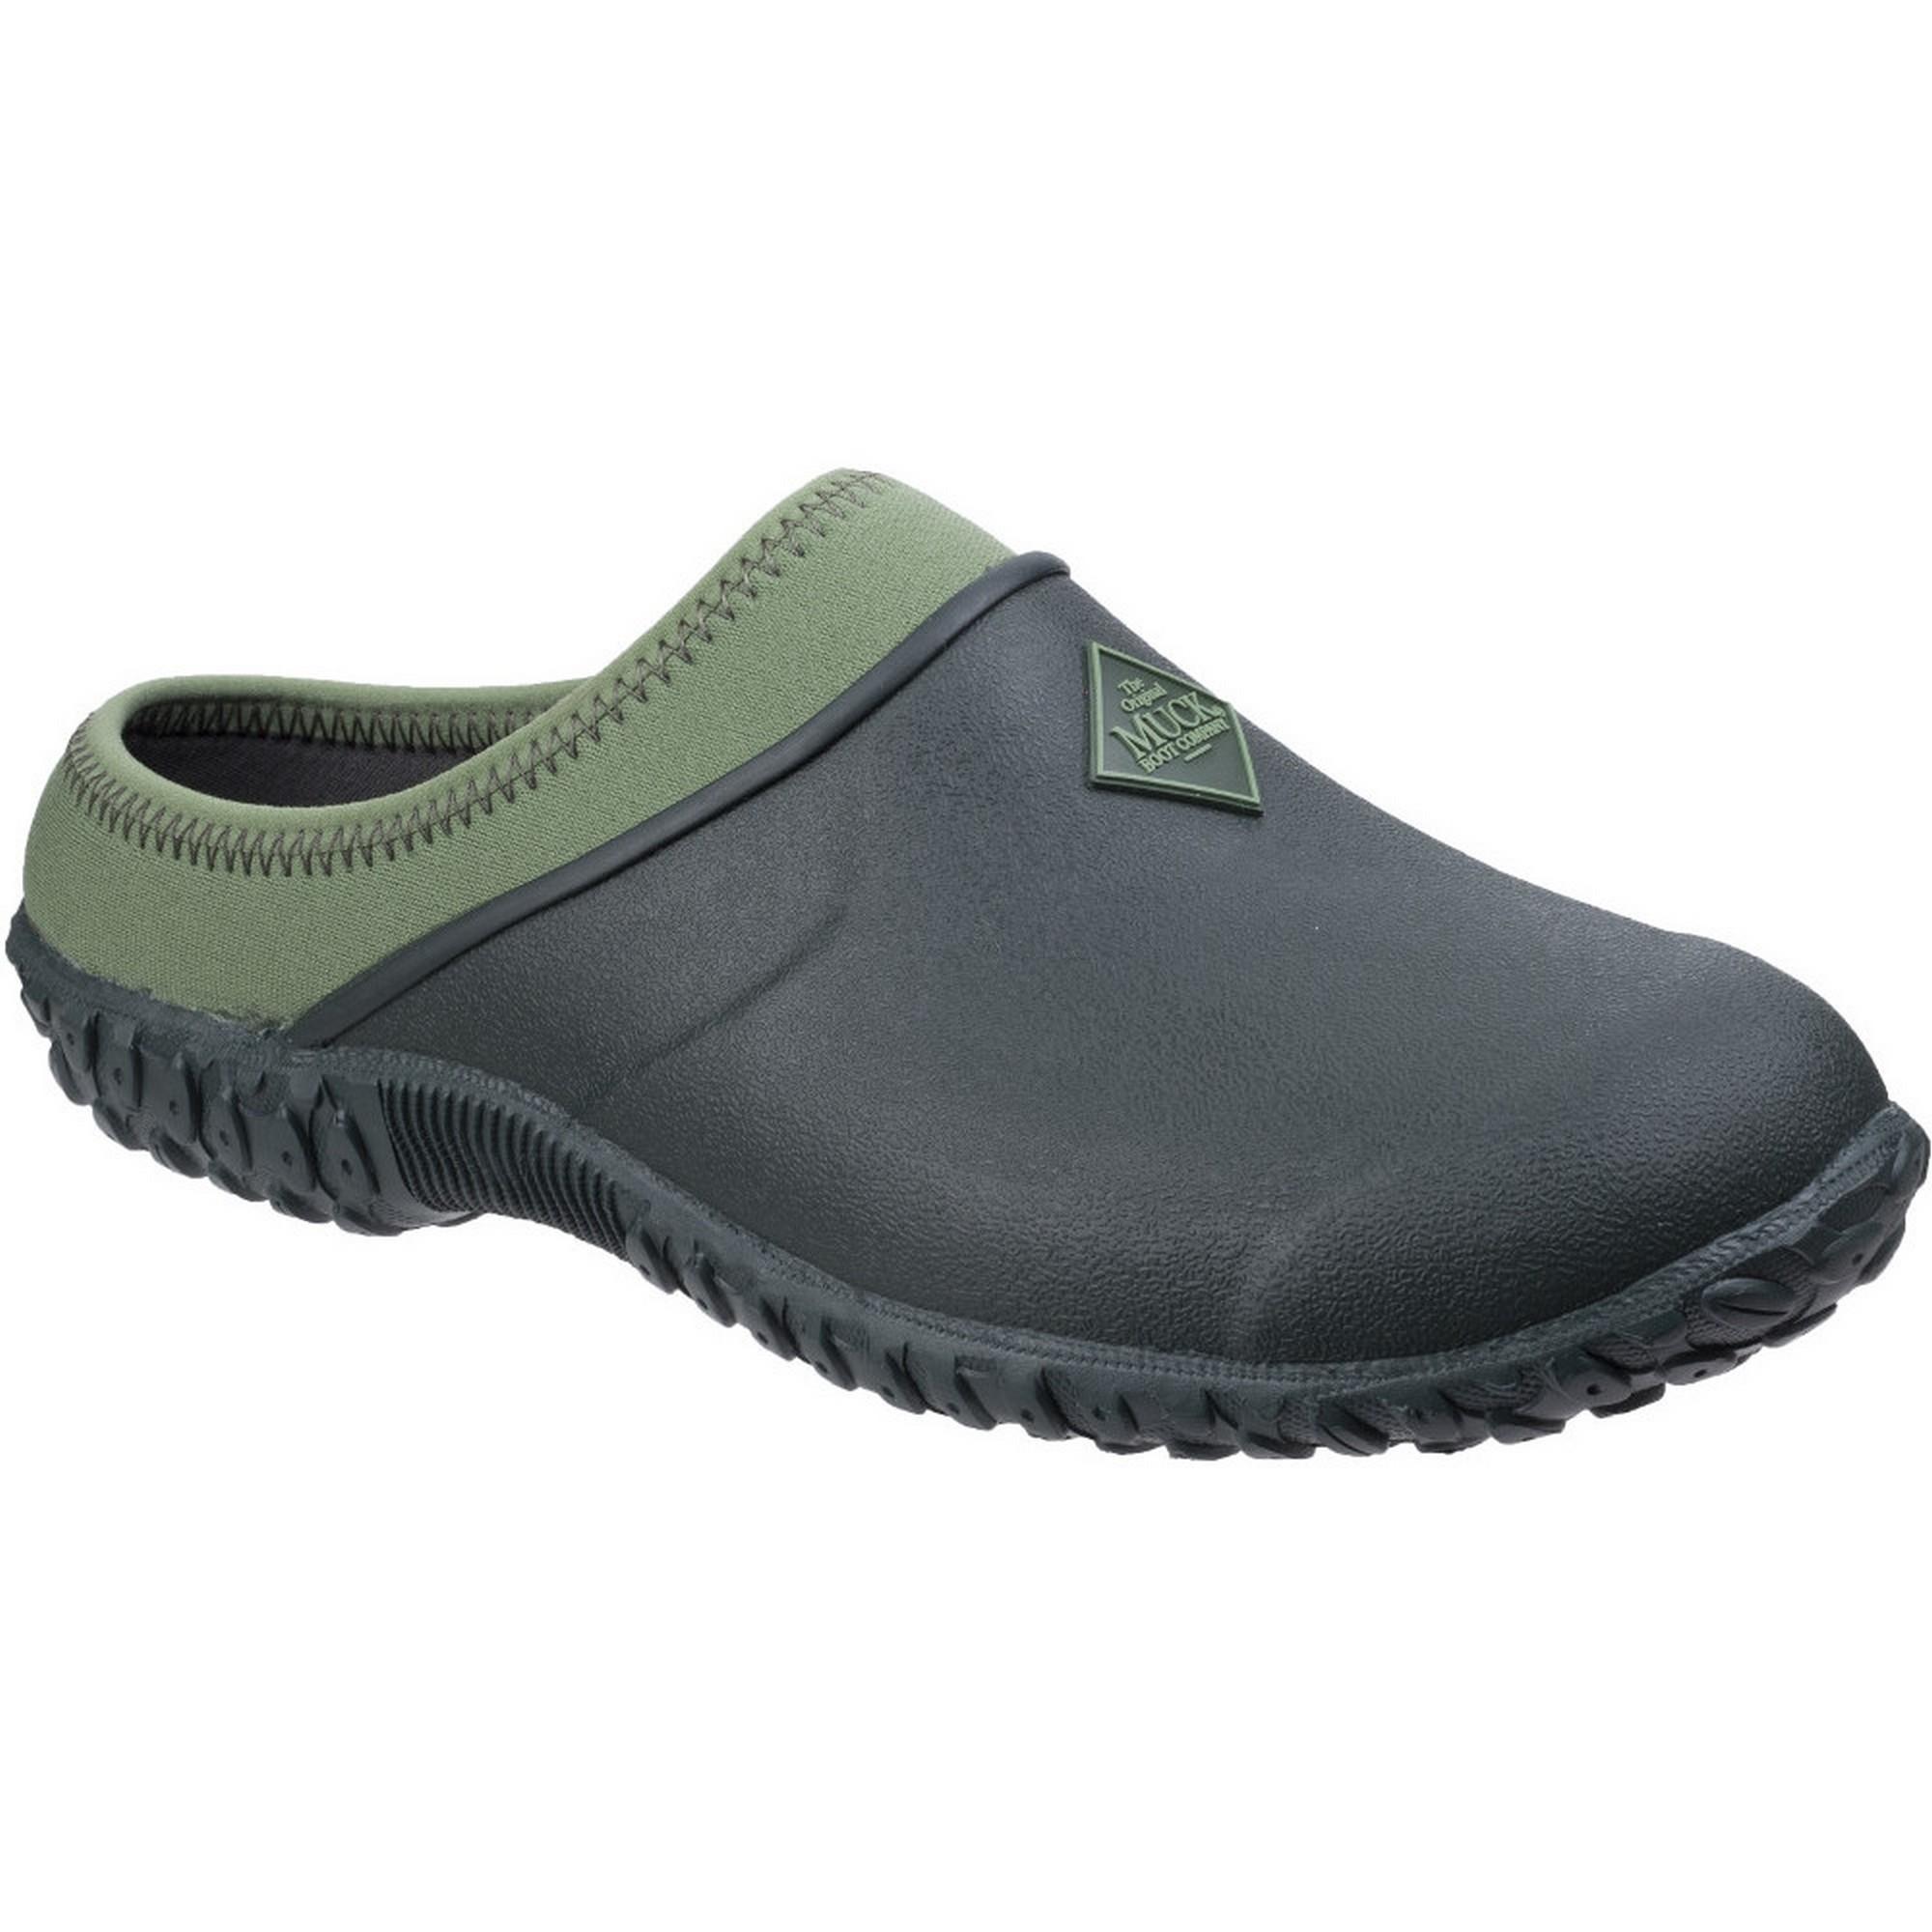 Muck Boots Womens/Ladies Muckster II Gardening Clogs (3 UK) (Moss Green)